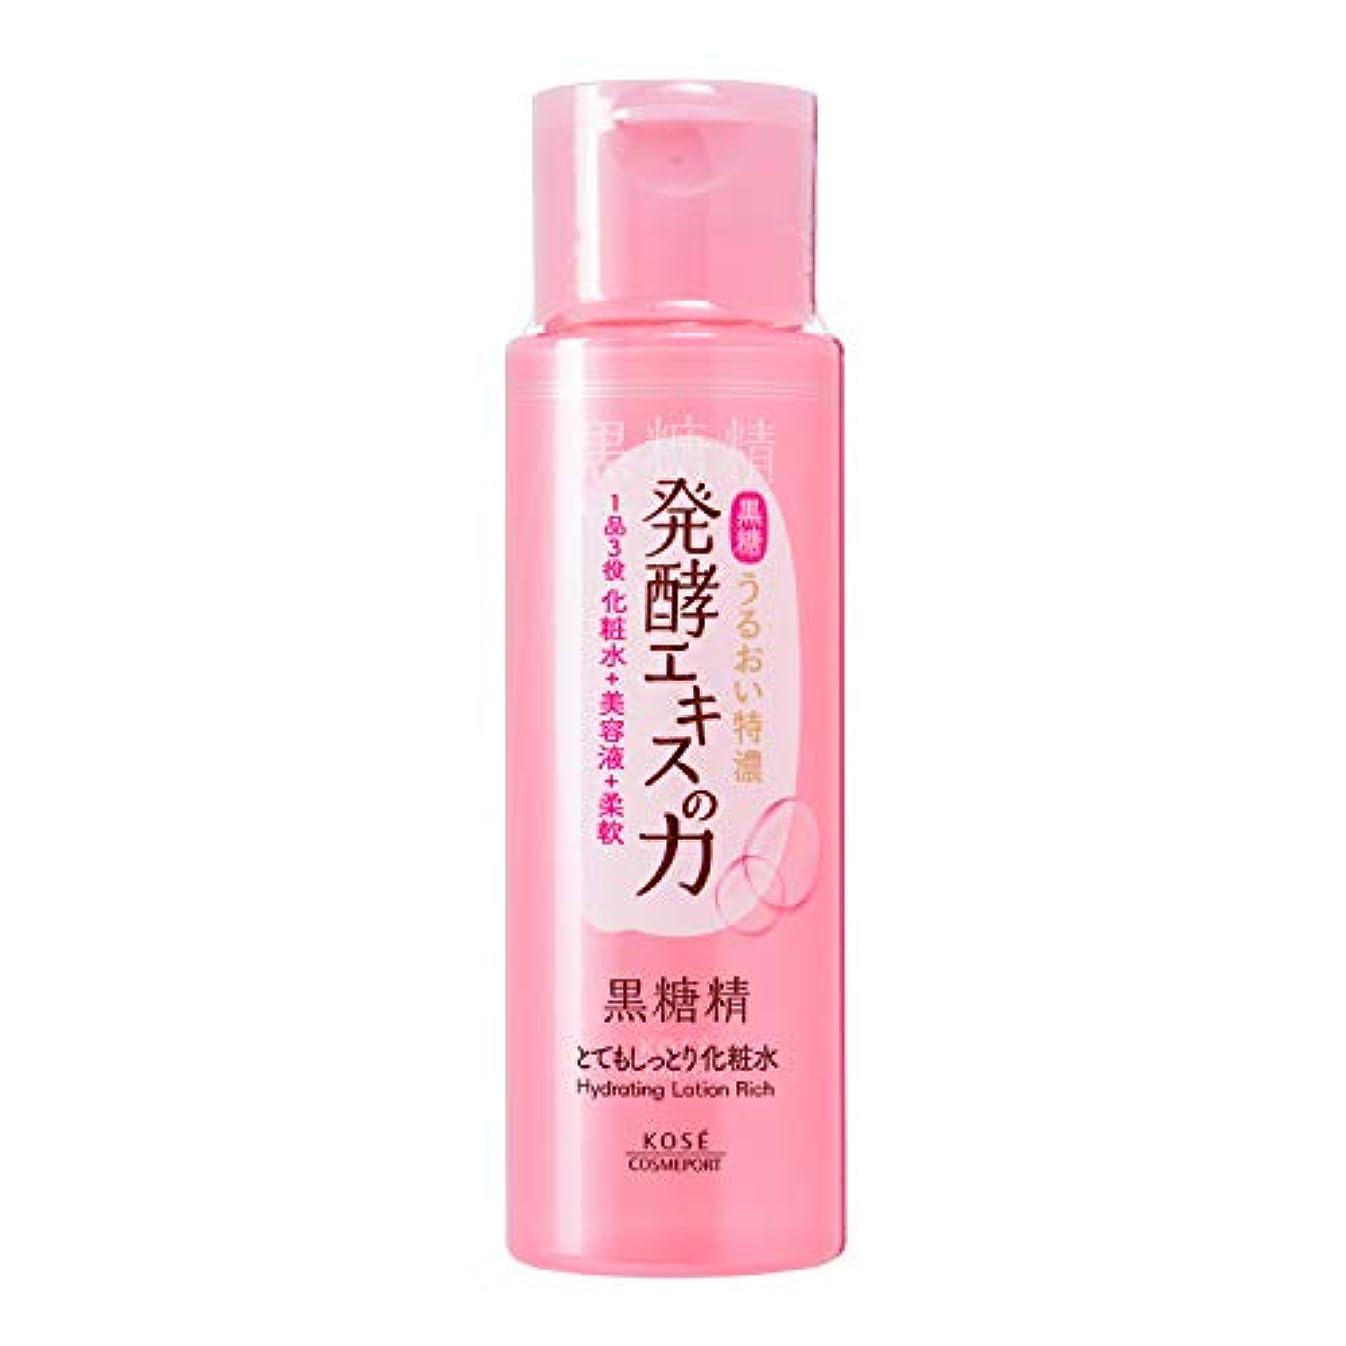 松安全性意気揚々KOSE 黒糖精 とてもしっとり化粧水 180mL